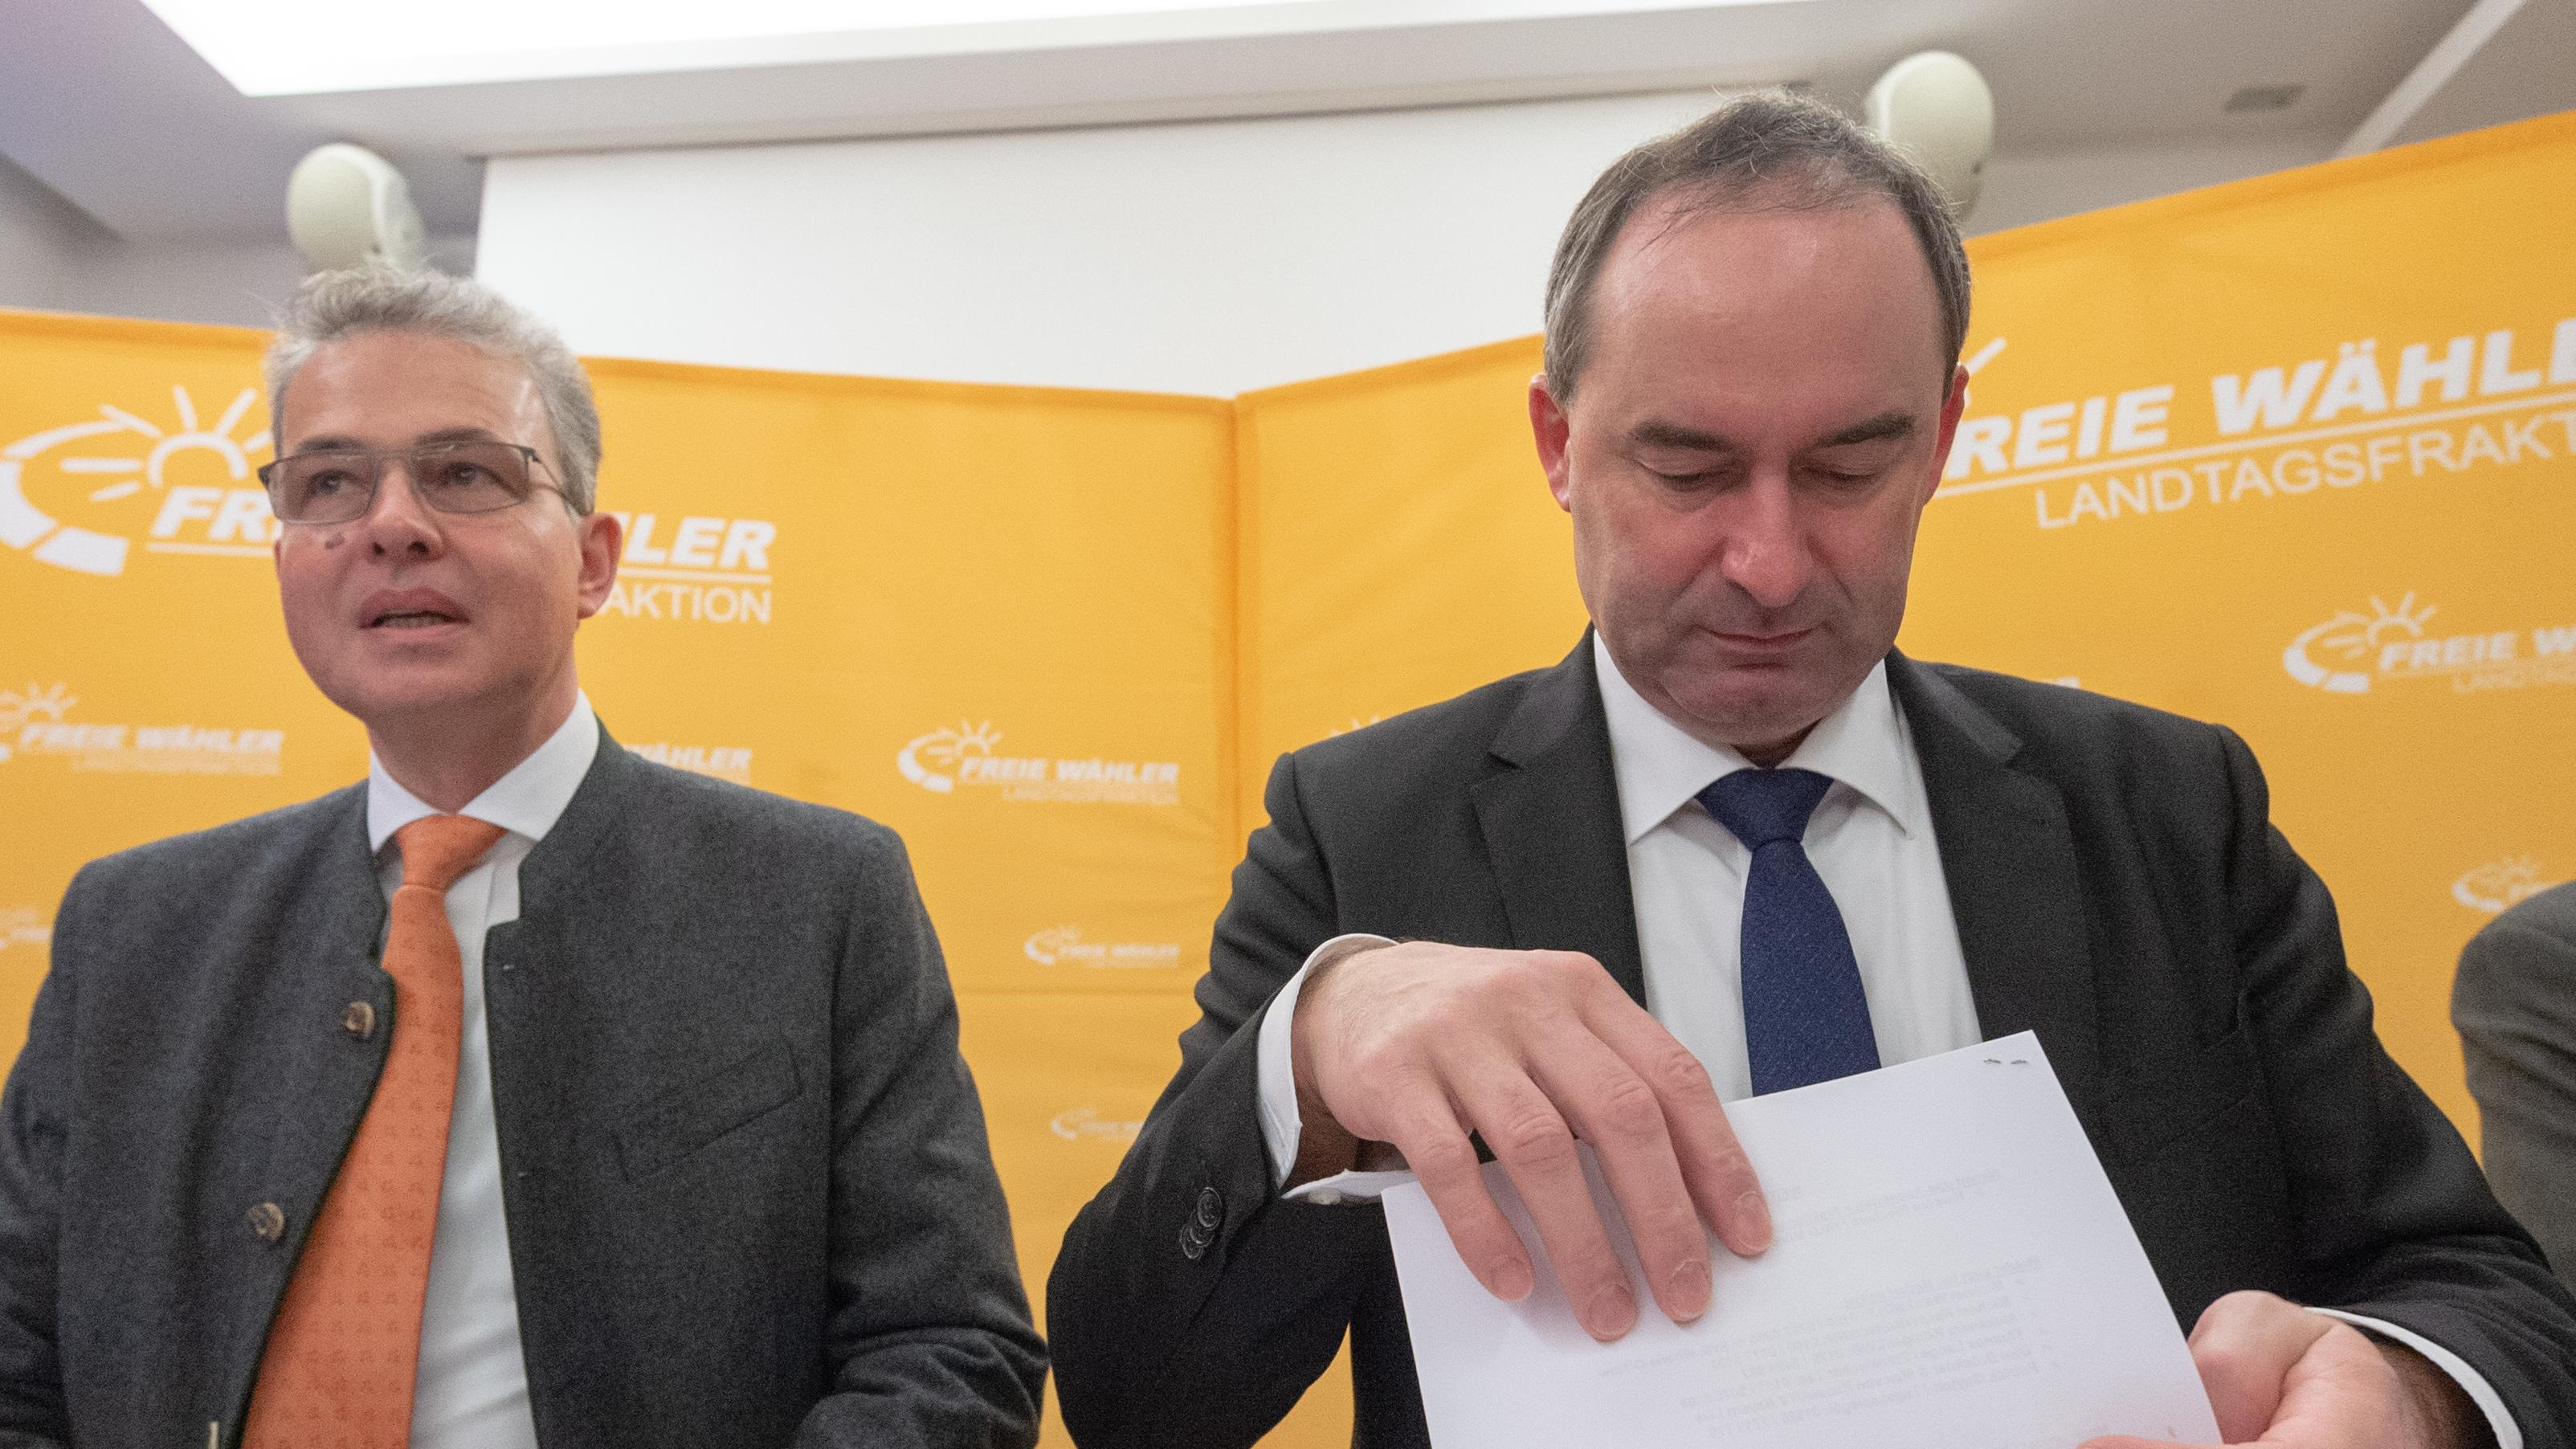 Hubert Aiwanger (r), Wirtschaftsminister und Landesvorsitzender der Freien Wähler in Bayern, und Florian Streibl